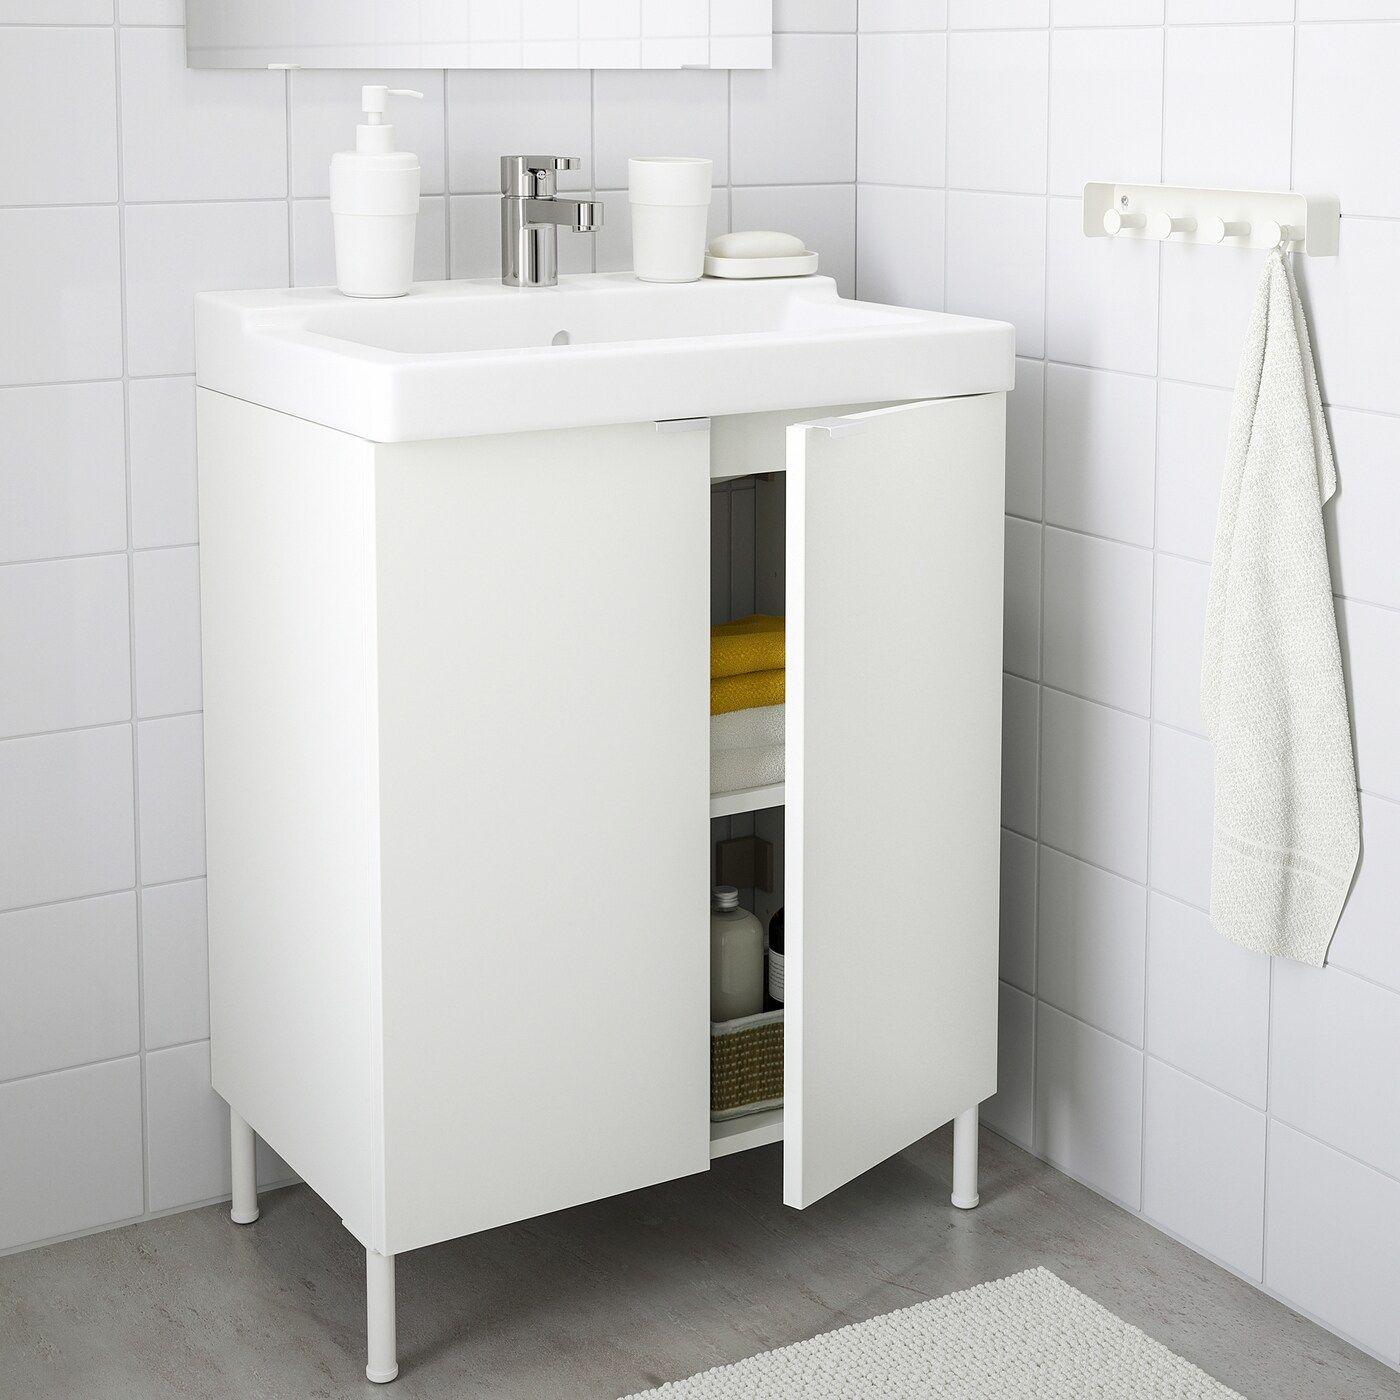 IKEA – LILLÅNGEN / TÄLLEVIKEN Bathroom vanity w 2 doors Whit …